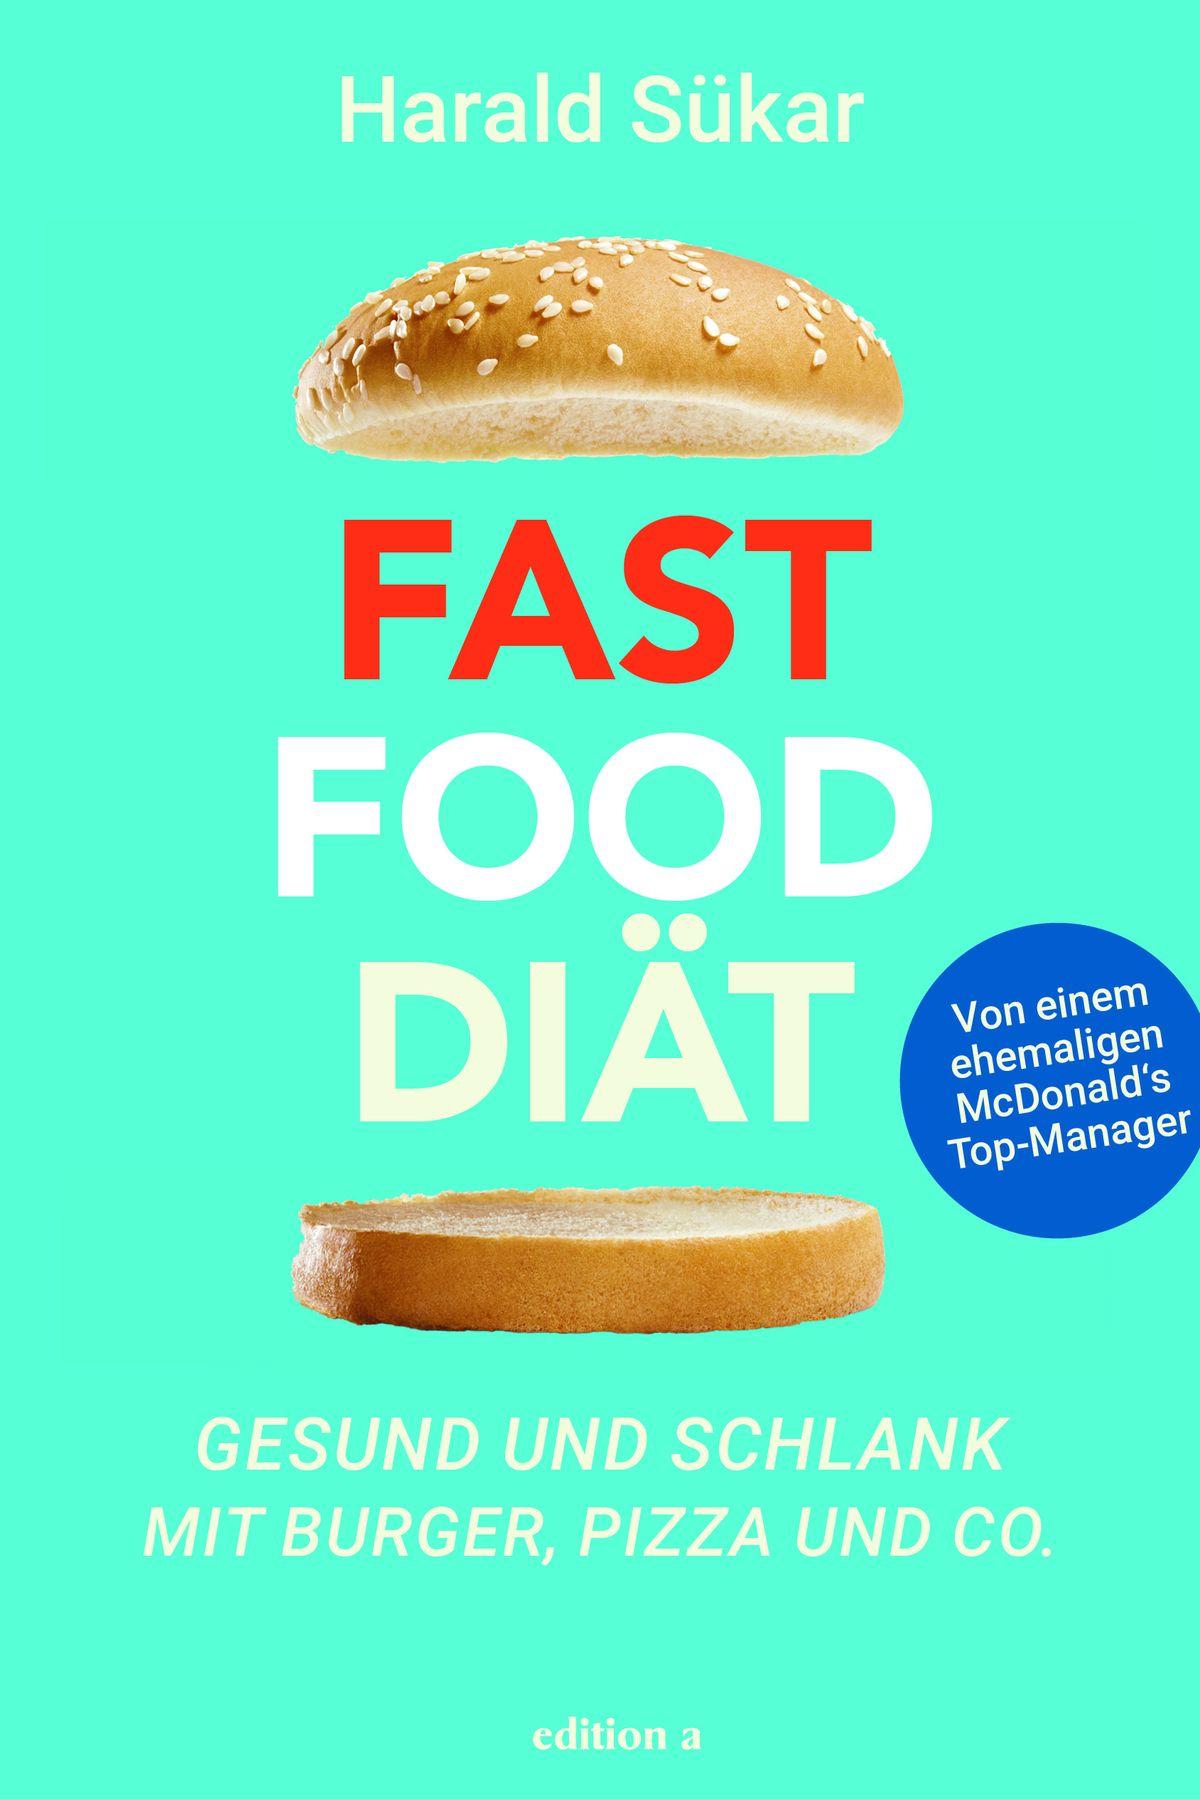 Harald Sükar | Fast Food Diät Gesund und schlank mit Burger, Pizza und Co. 20,- Euro | ISBN 978-3-990-01483-7